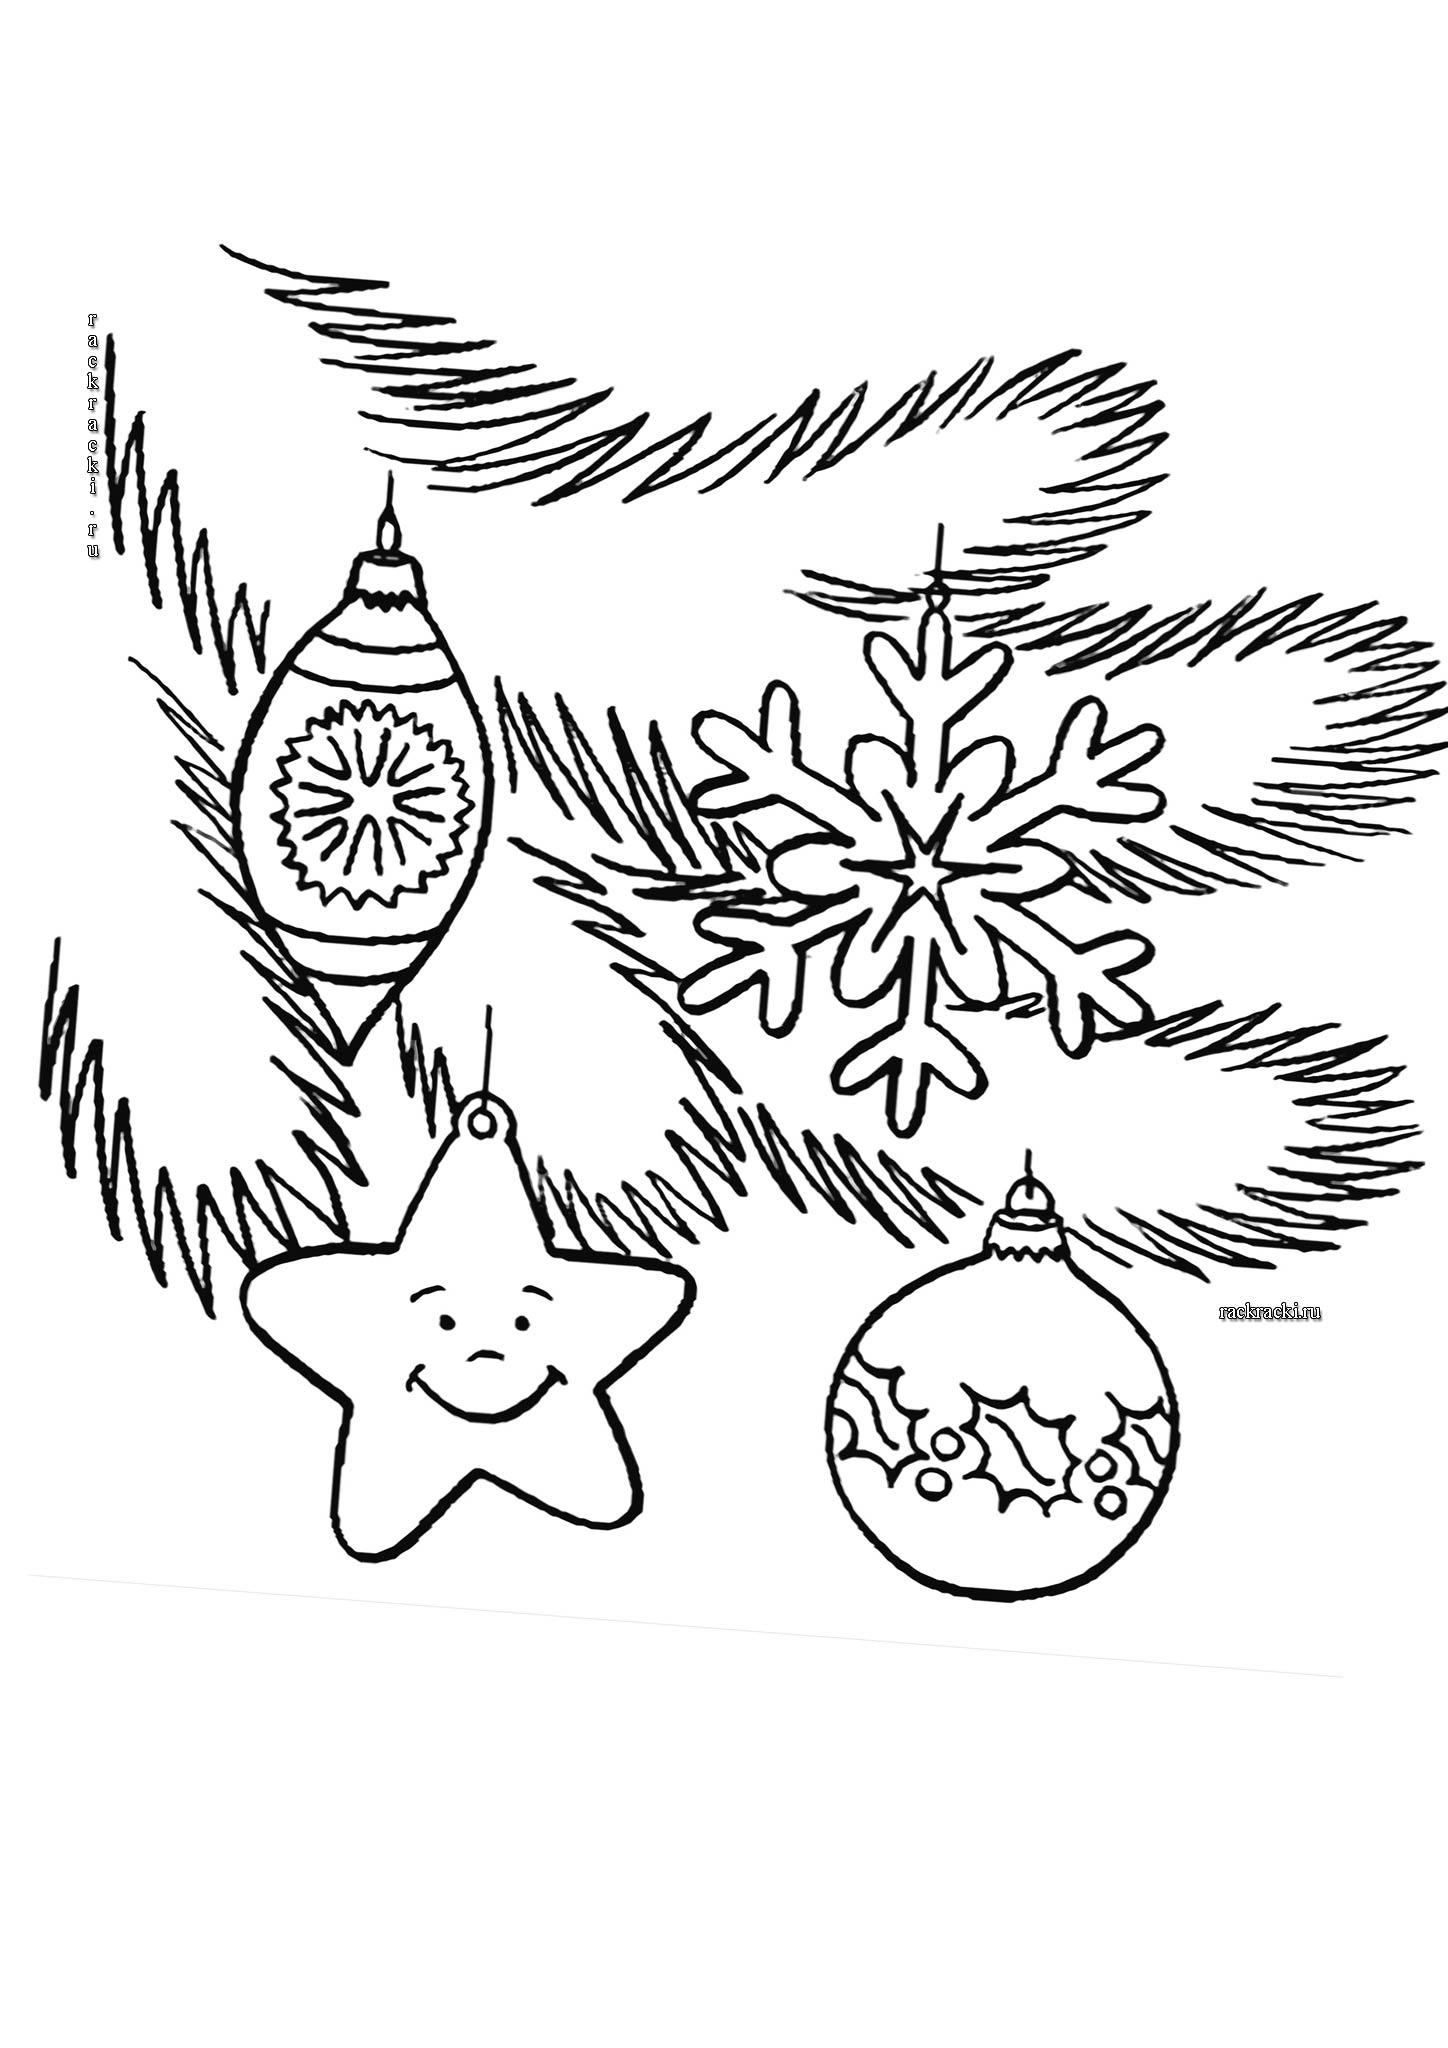 Новогодние игрушки, звезды, снежинки, сосульки, шары Зимние раскраски для мальчиков